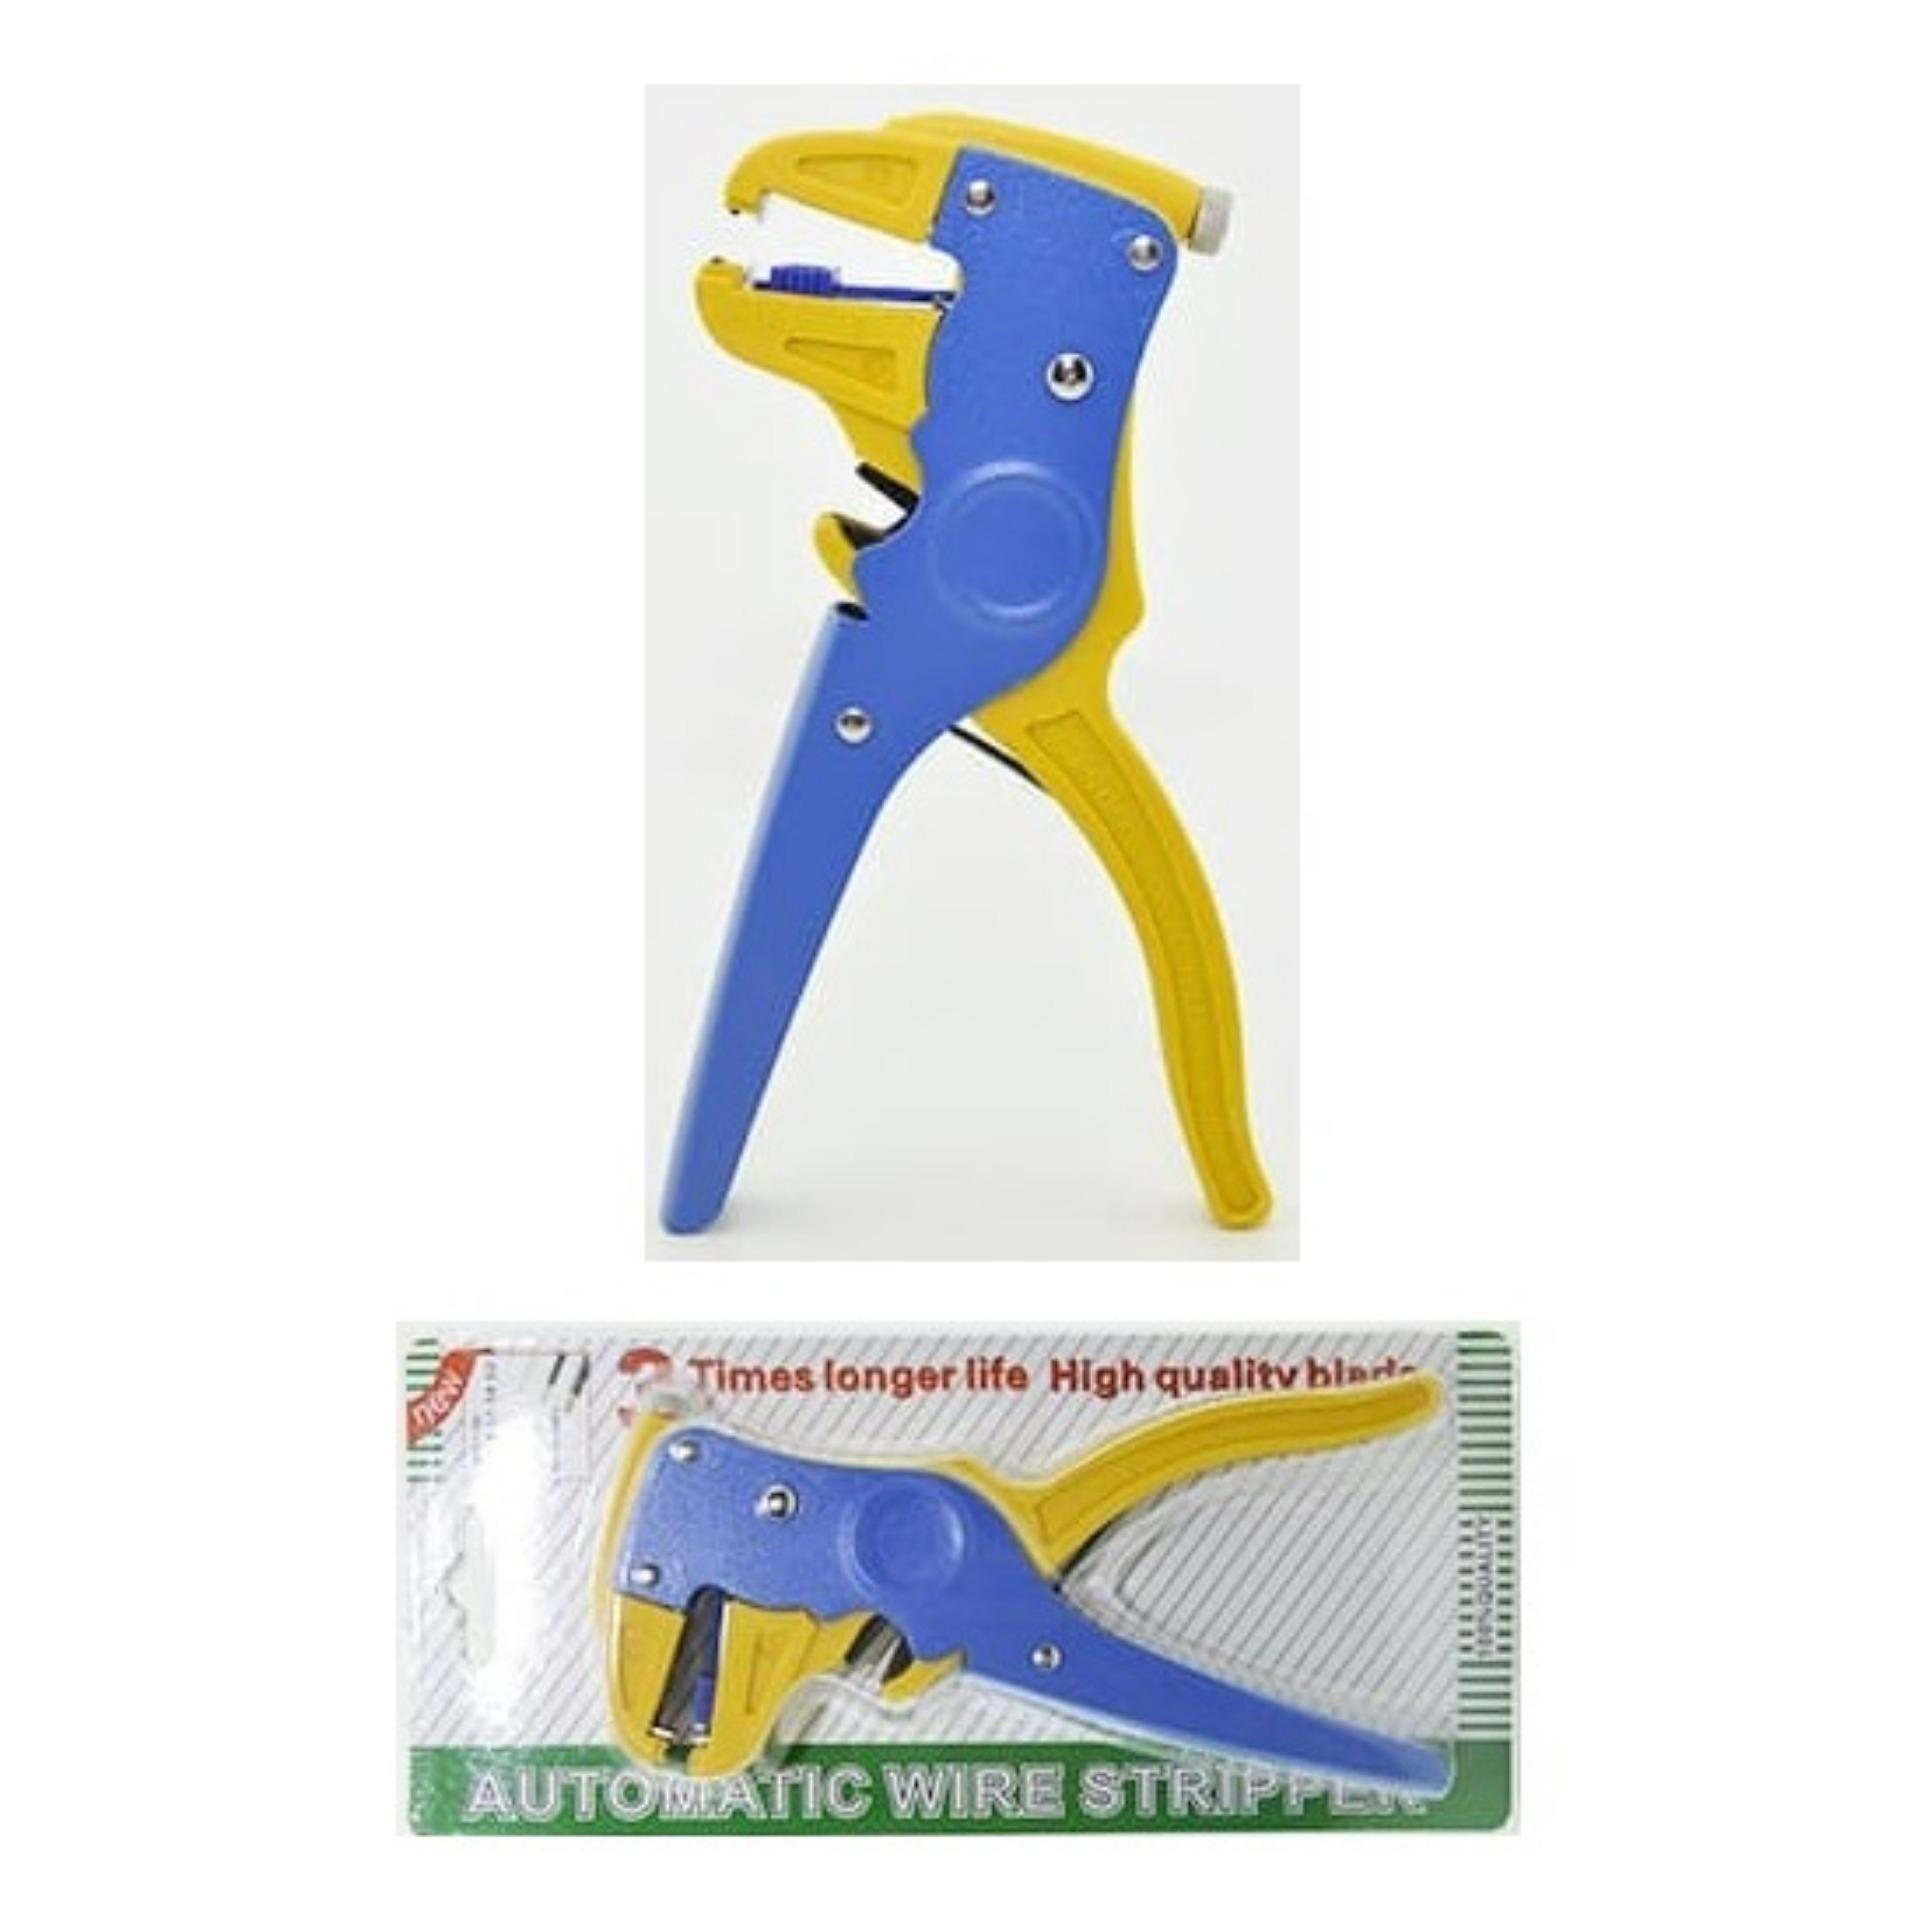 ... Model F Nankai. Source · AE412 Tang Kabel Kupas dan Potong 2in1 Automatic Wire Stripper